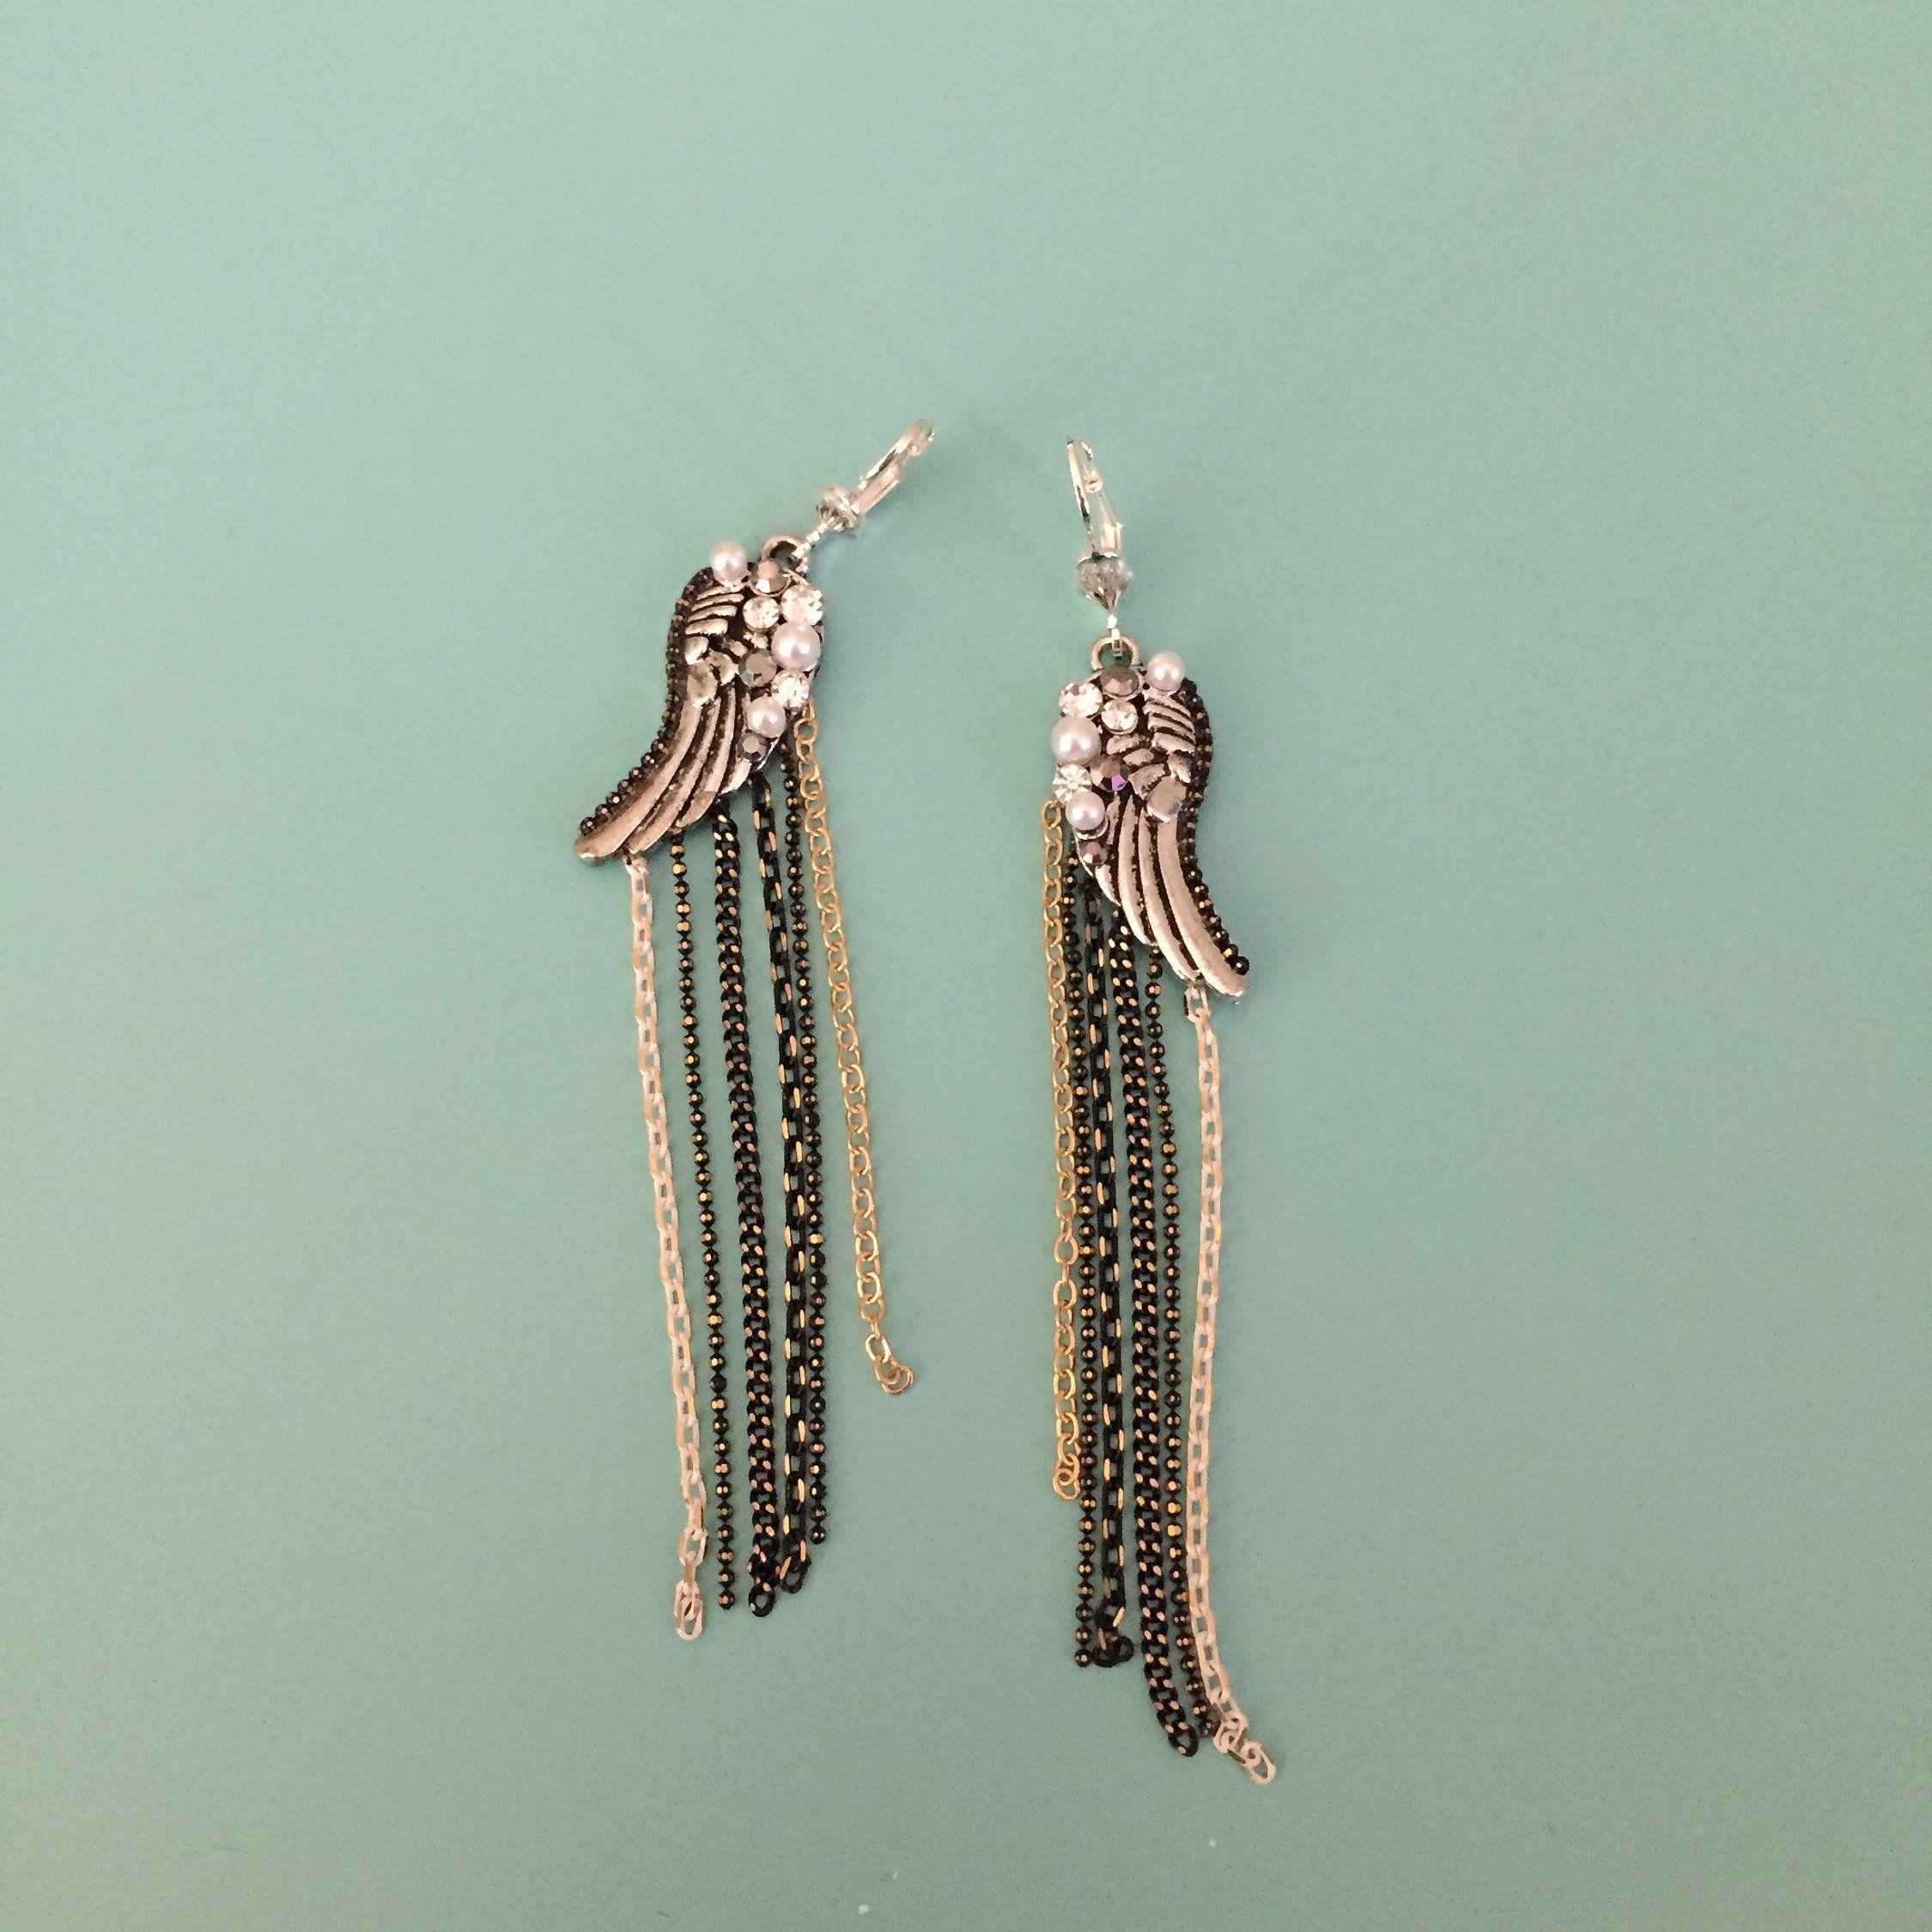 95e99ea21 Art Deco Earrings/ Chain Earrings/ Dangle Earrings/ Black Earrings/ Boho  Earrings/ Statement Earrings/ Silver Earrings/ Crystal Earrings by ...